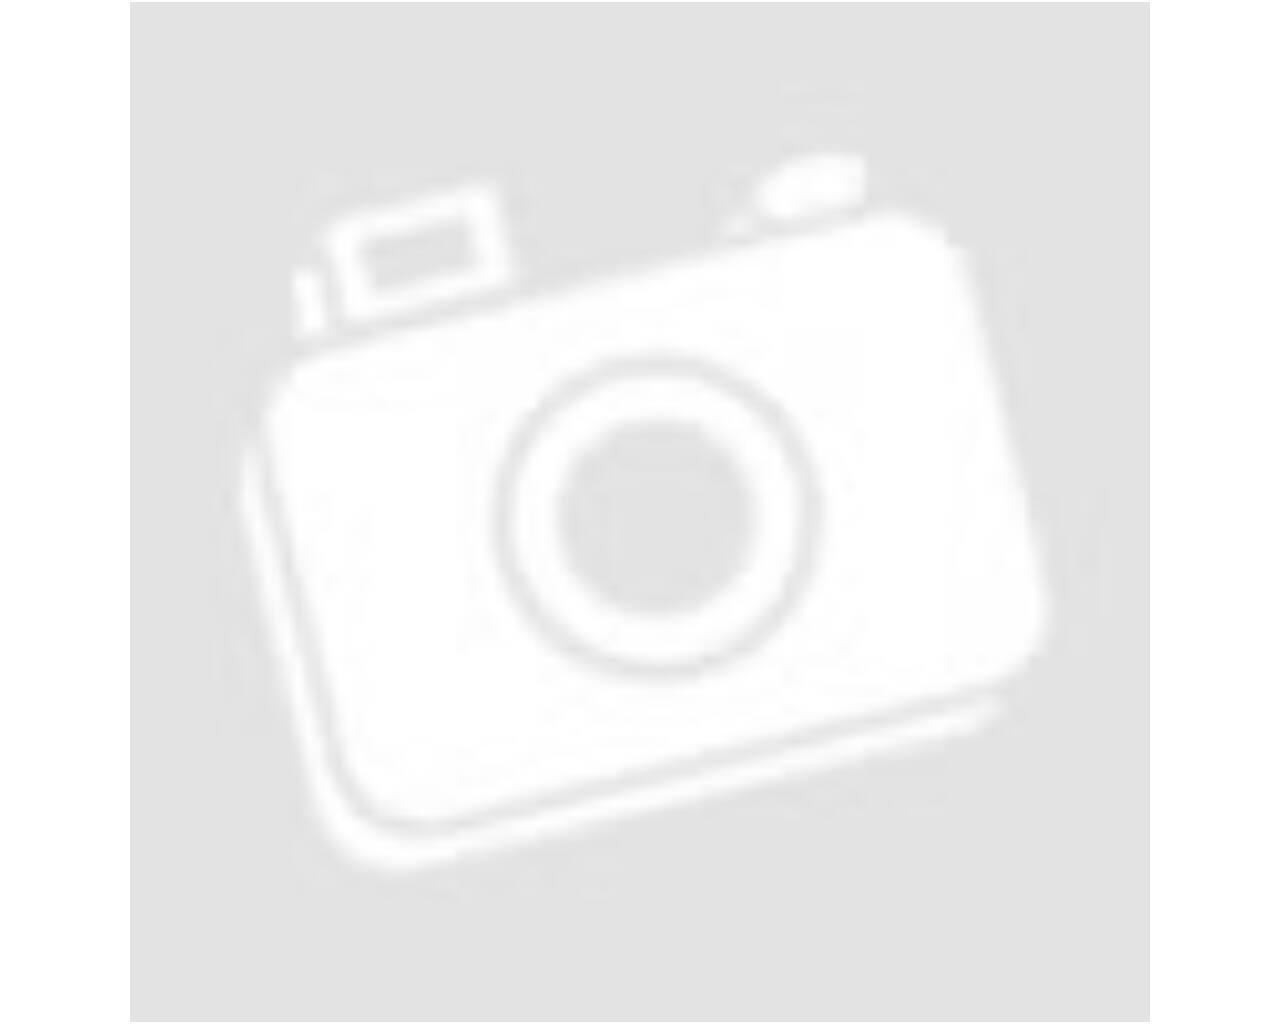 Füstcső, zománcozott lemez, 120 x 500 mm, fényes barna